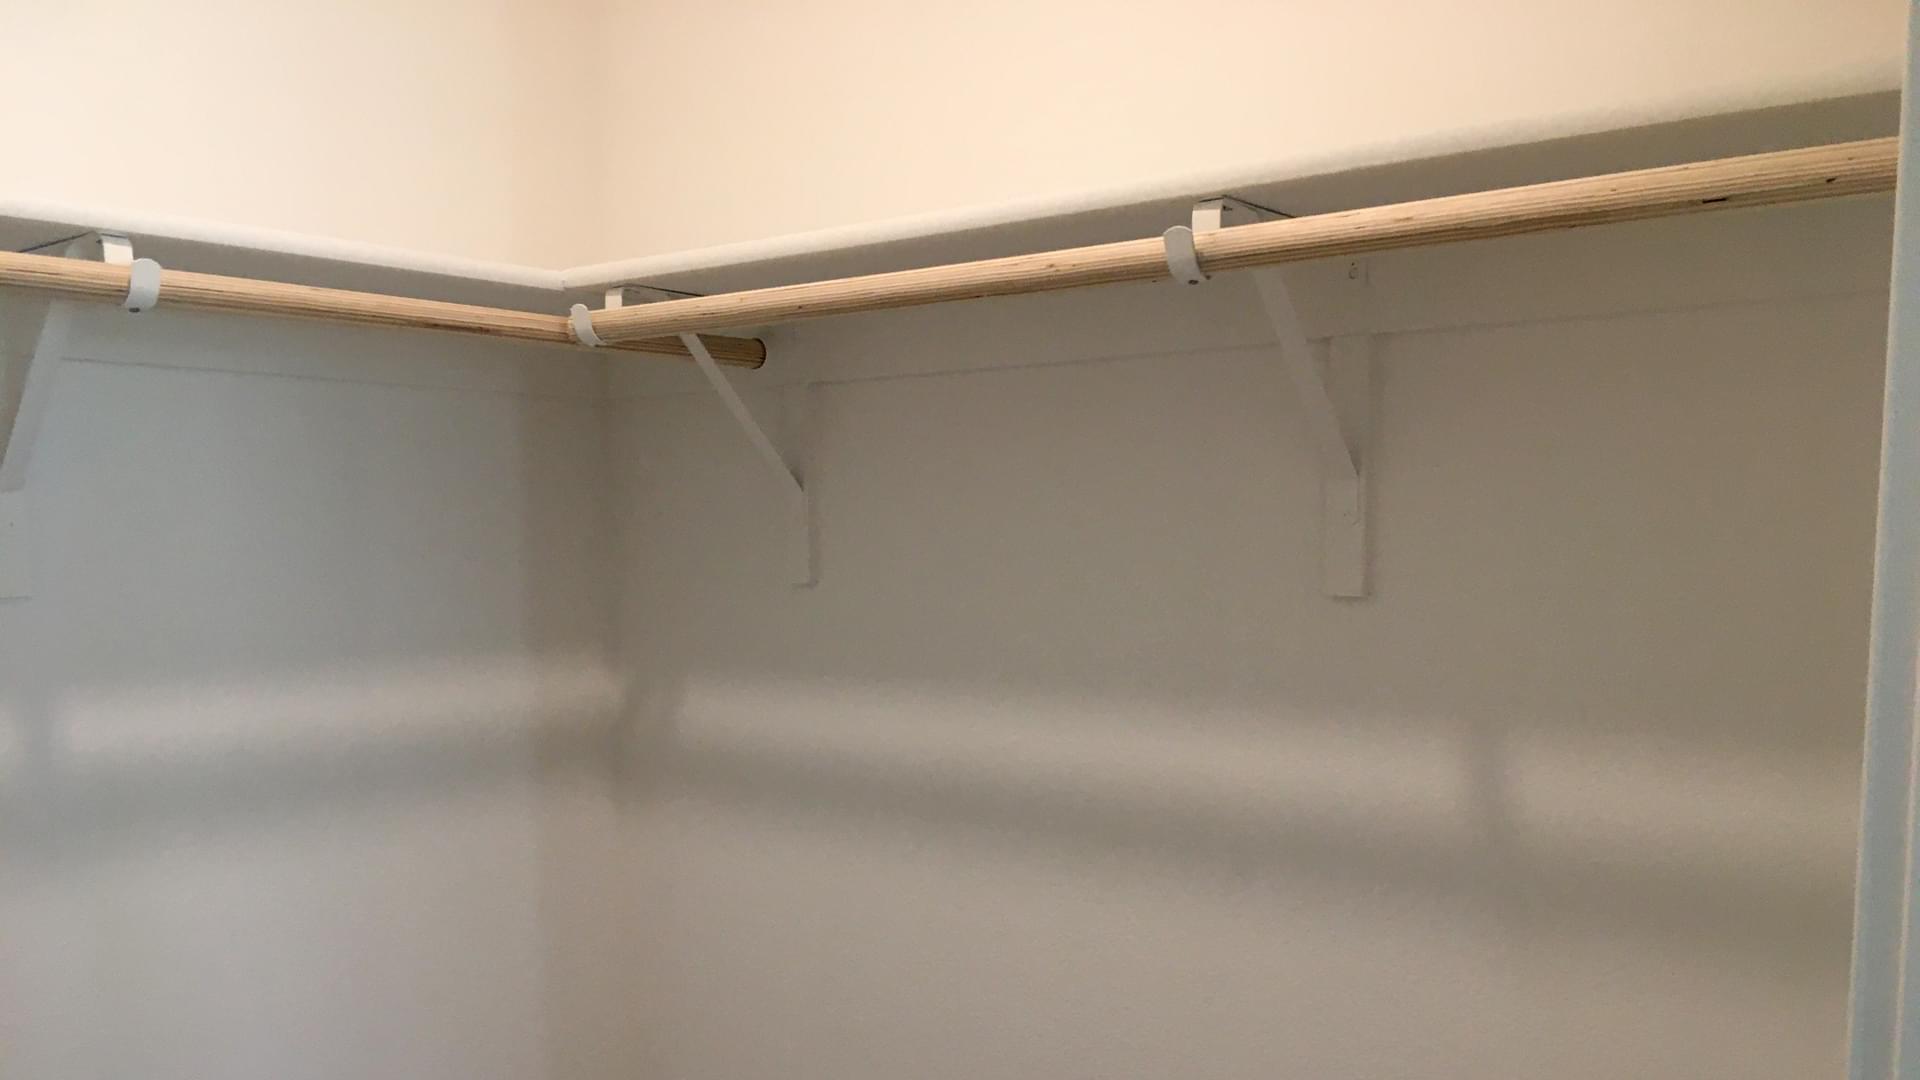 Unit 3302 Walk-In Closet